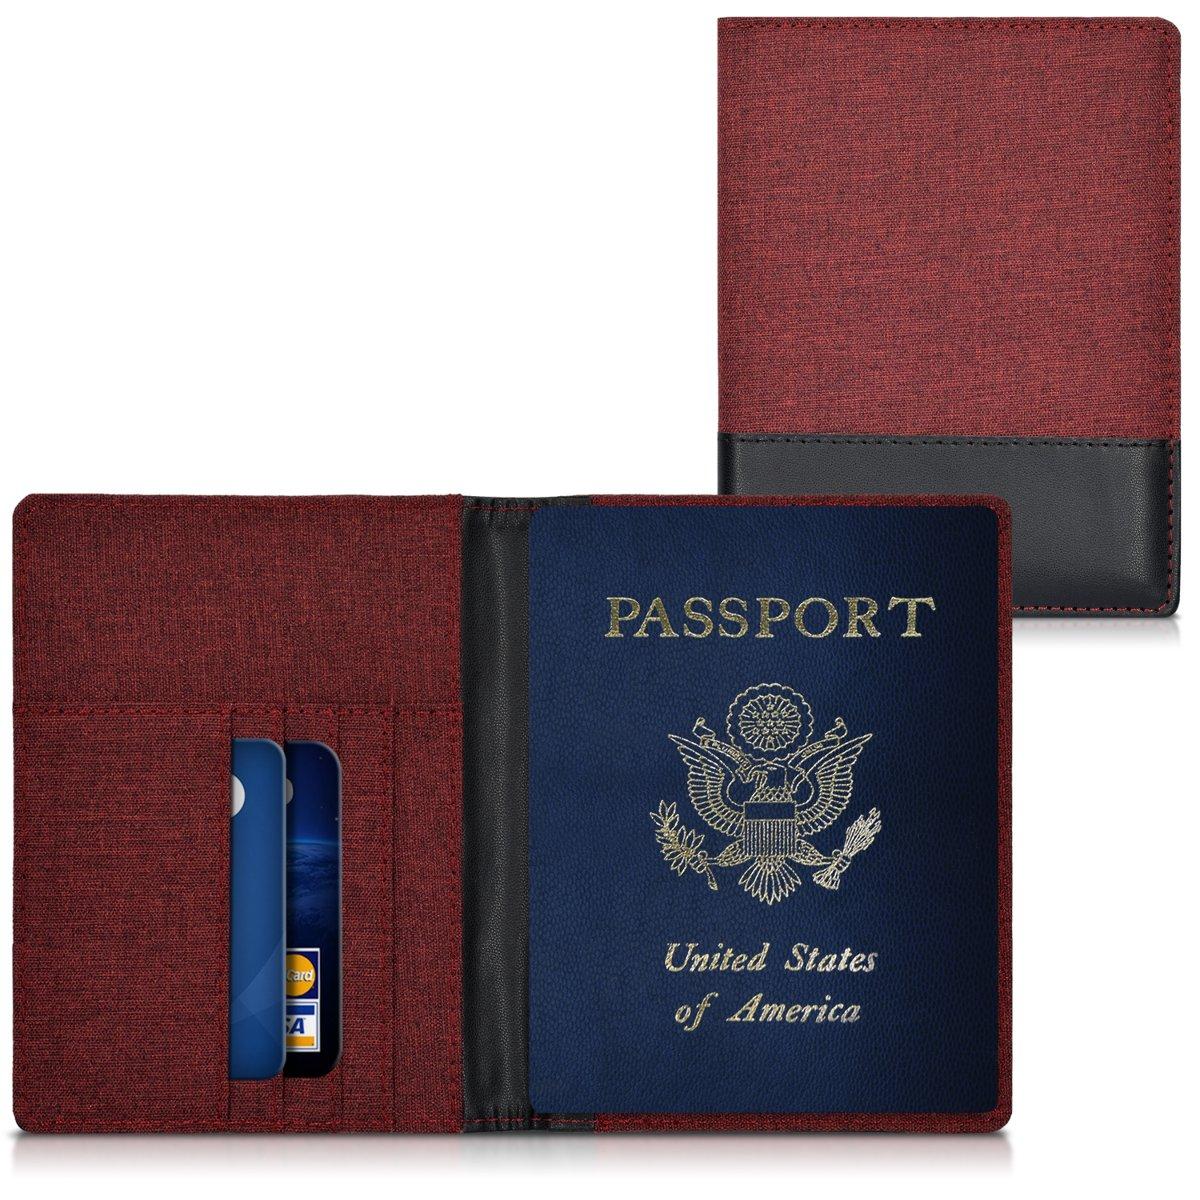 Portefeuille Passeport /Étui de Protection Simili Cuir Marron kwmobile Porte-Passeport avec Compartiments Cartes avec Emplacement Carte Bleue